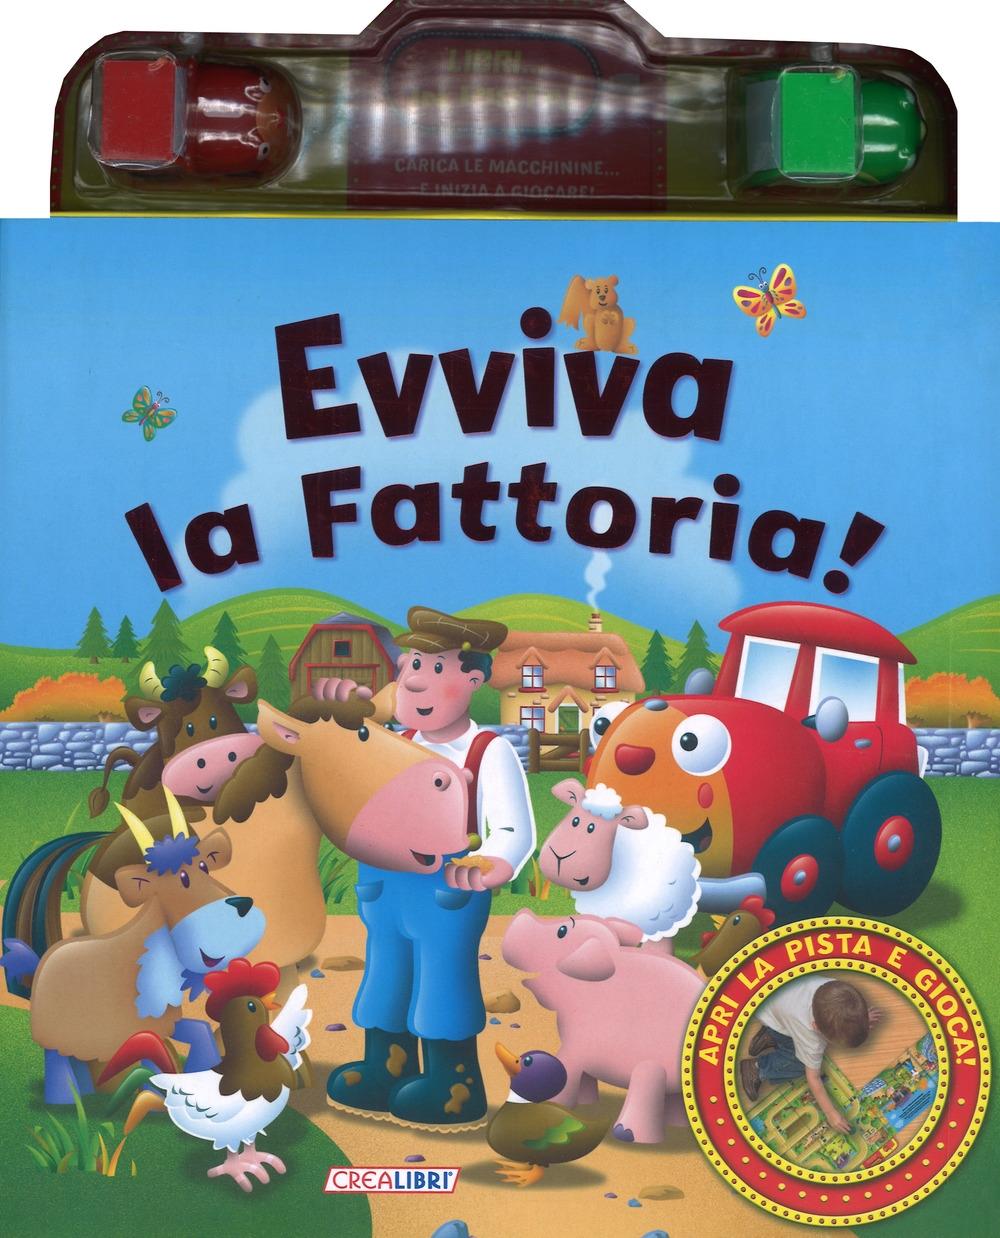 Evviva la fattoria! Libri... in pista! Ediz. a colori. Con gadget